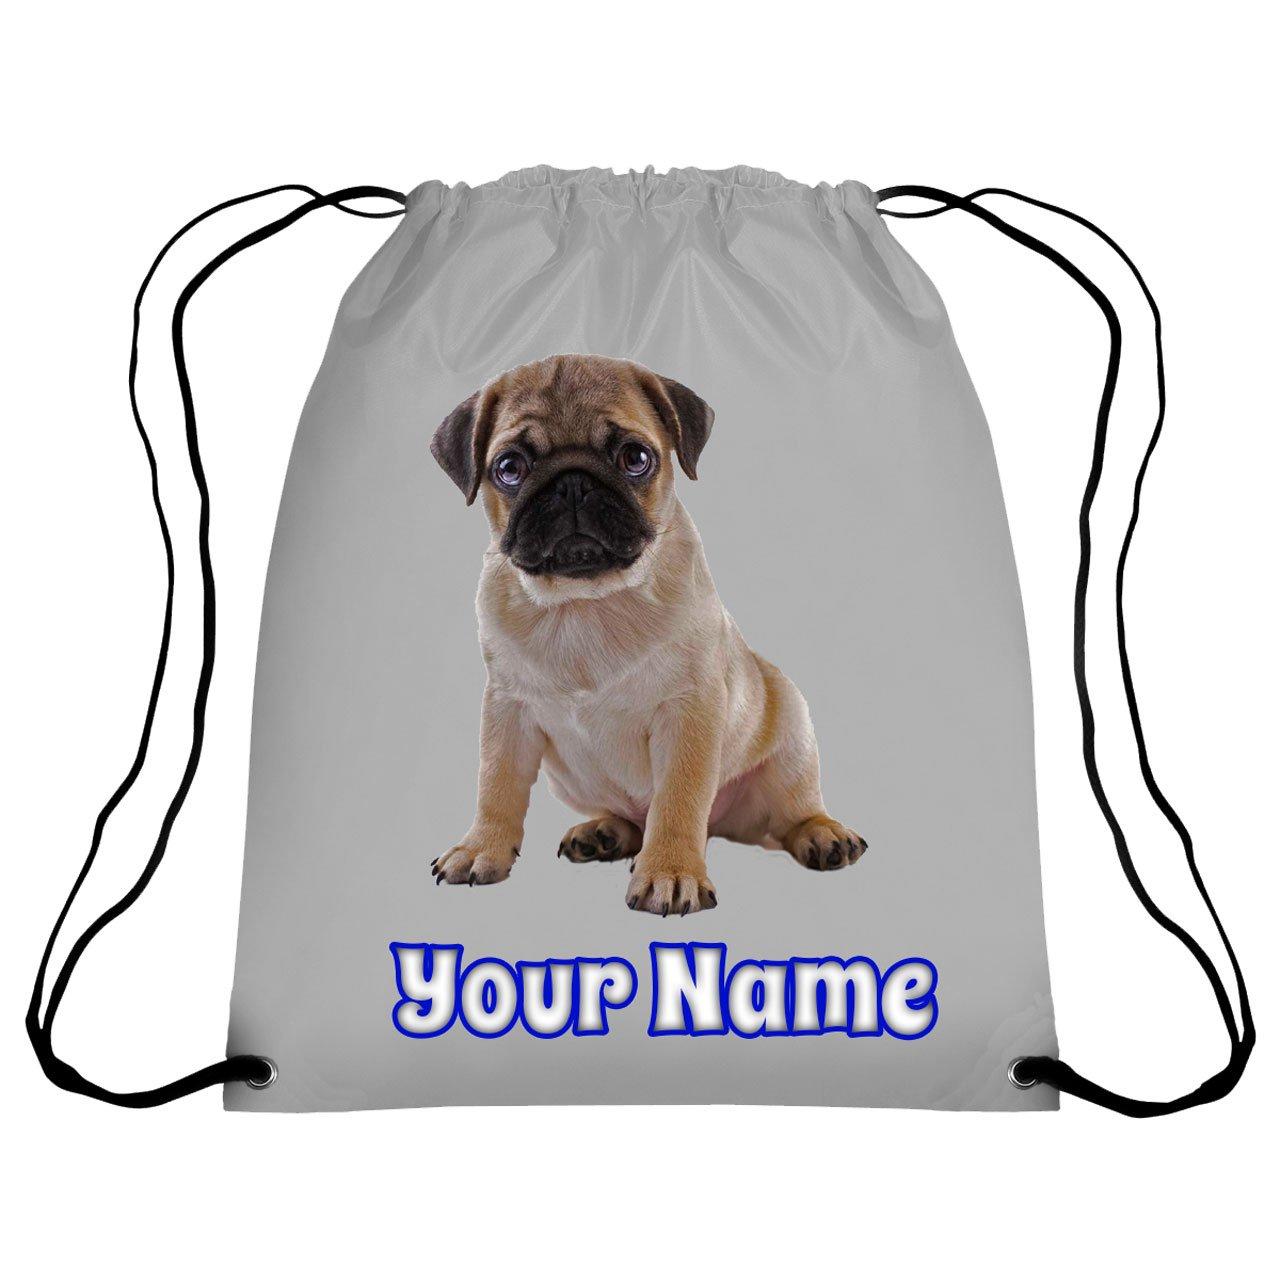 Womens Long Cute Pug Dog Print Scarf,WINWINTOM Ladies Girls Pug Dog Puppy Pugs Scarf Neck Wrap Shawl by Joy To Wear